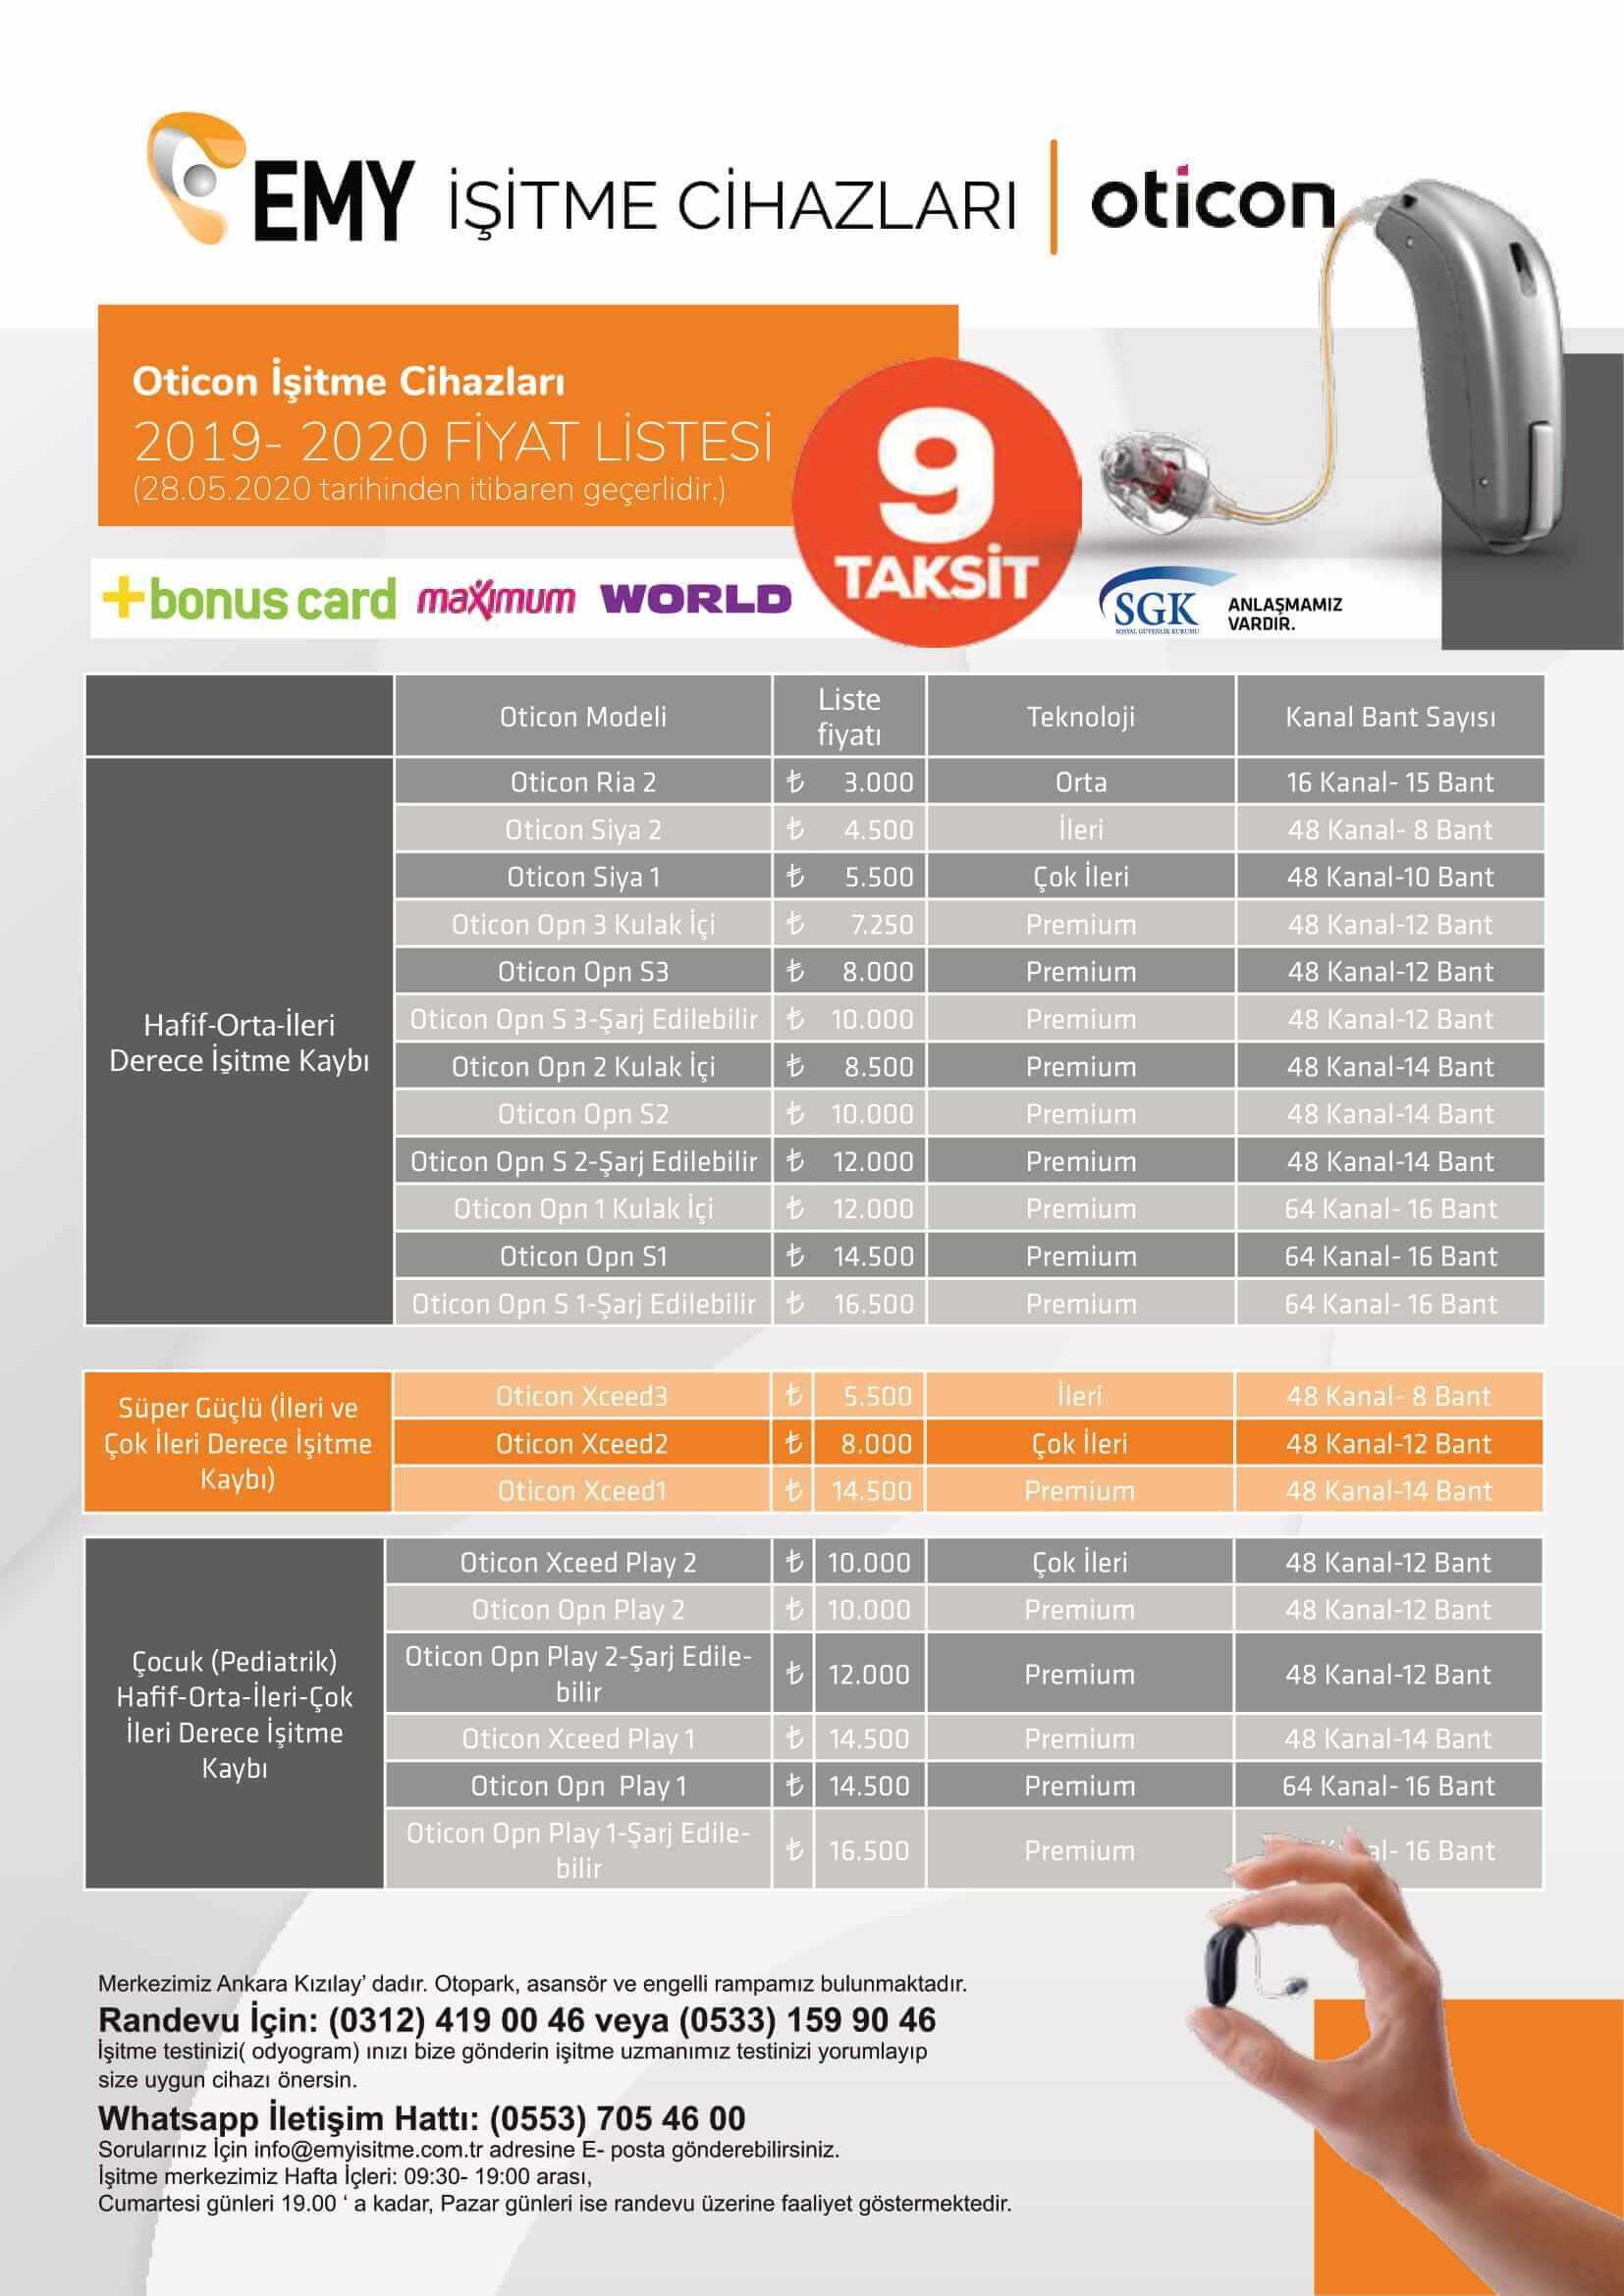 Oticon işitme cihazı fiyatları 2019-2020 emyisitme.com.tr